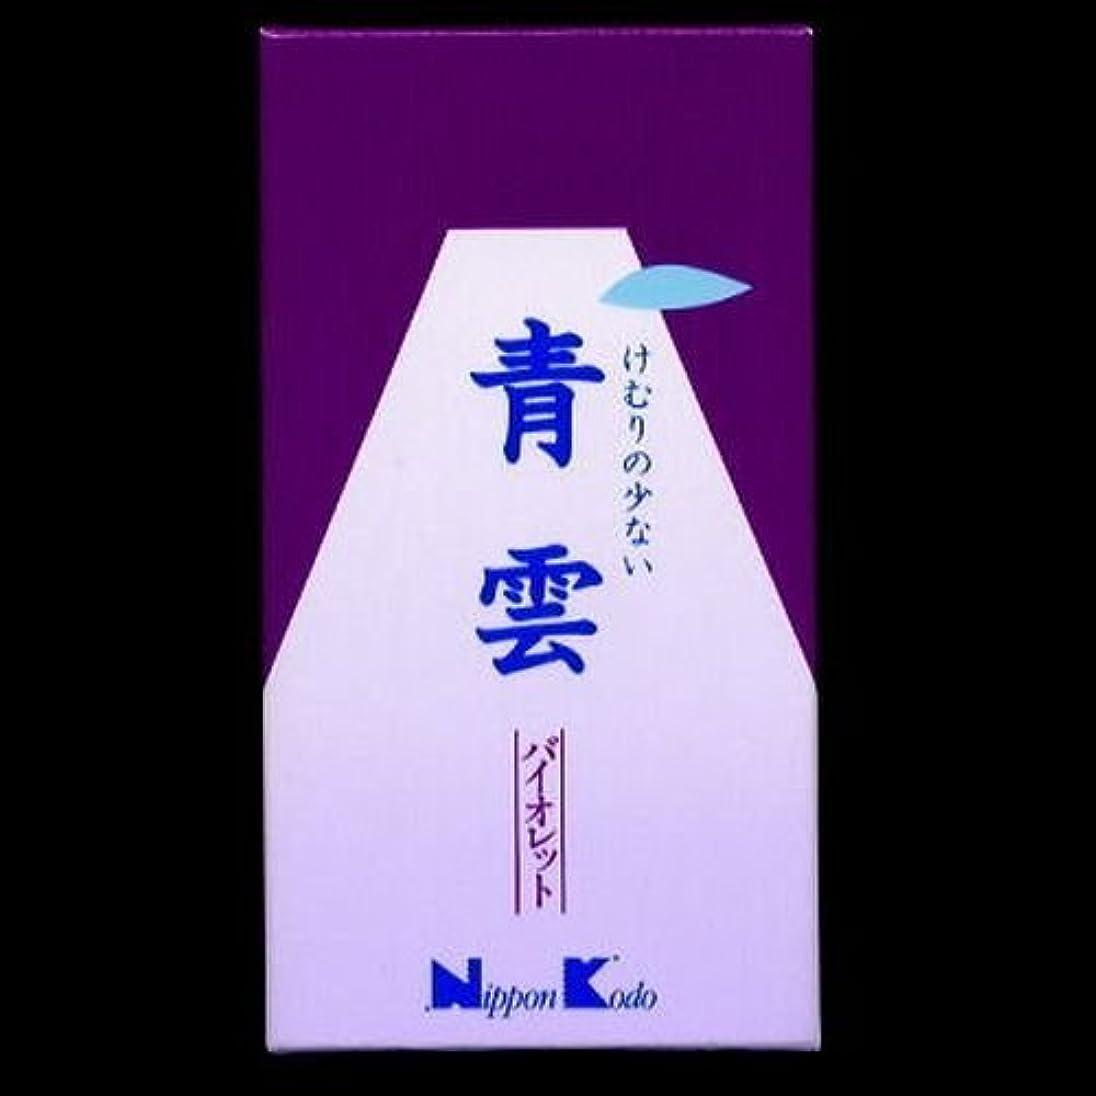 自由発言する心臓【まとめ買い】青雲 バイオレット バラ詰 ×2セット